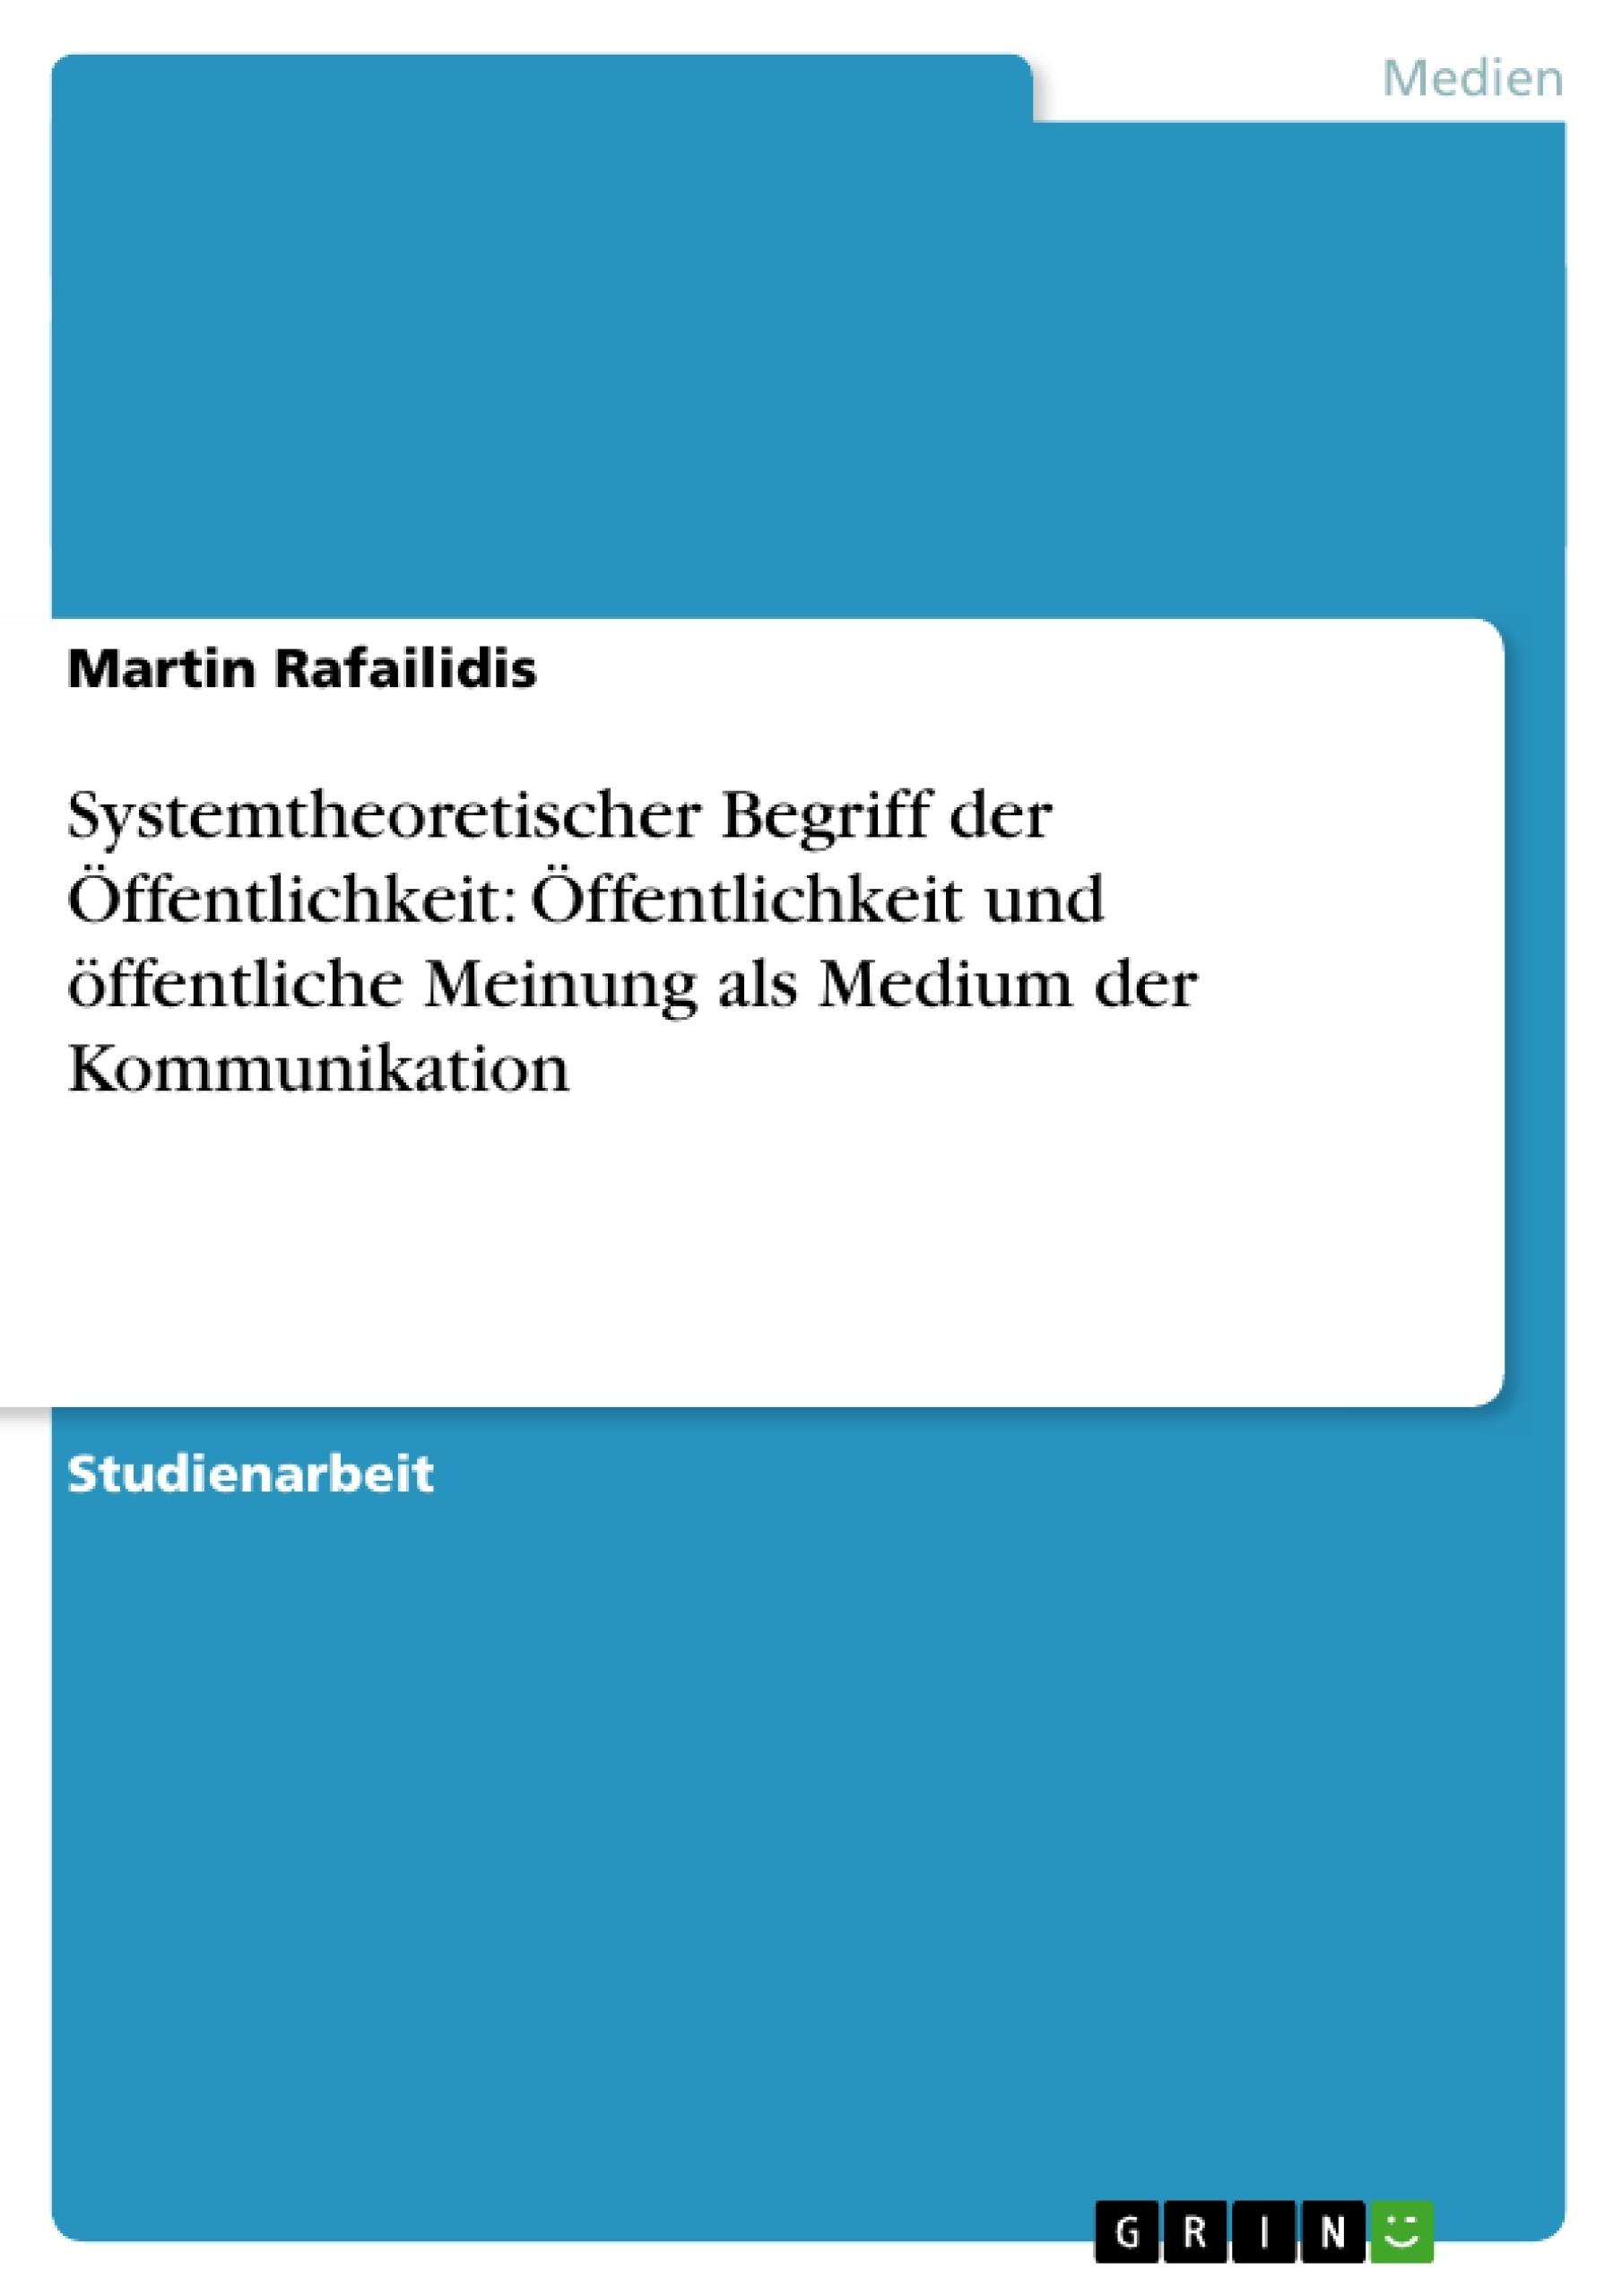 Titel: Systemtheoretischer Begriff der Öffentlichkeit: Öffentlichkeit und öffentliche Meinung als Medium der Kommunikation